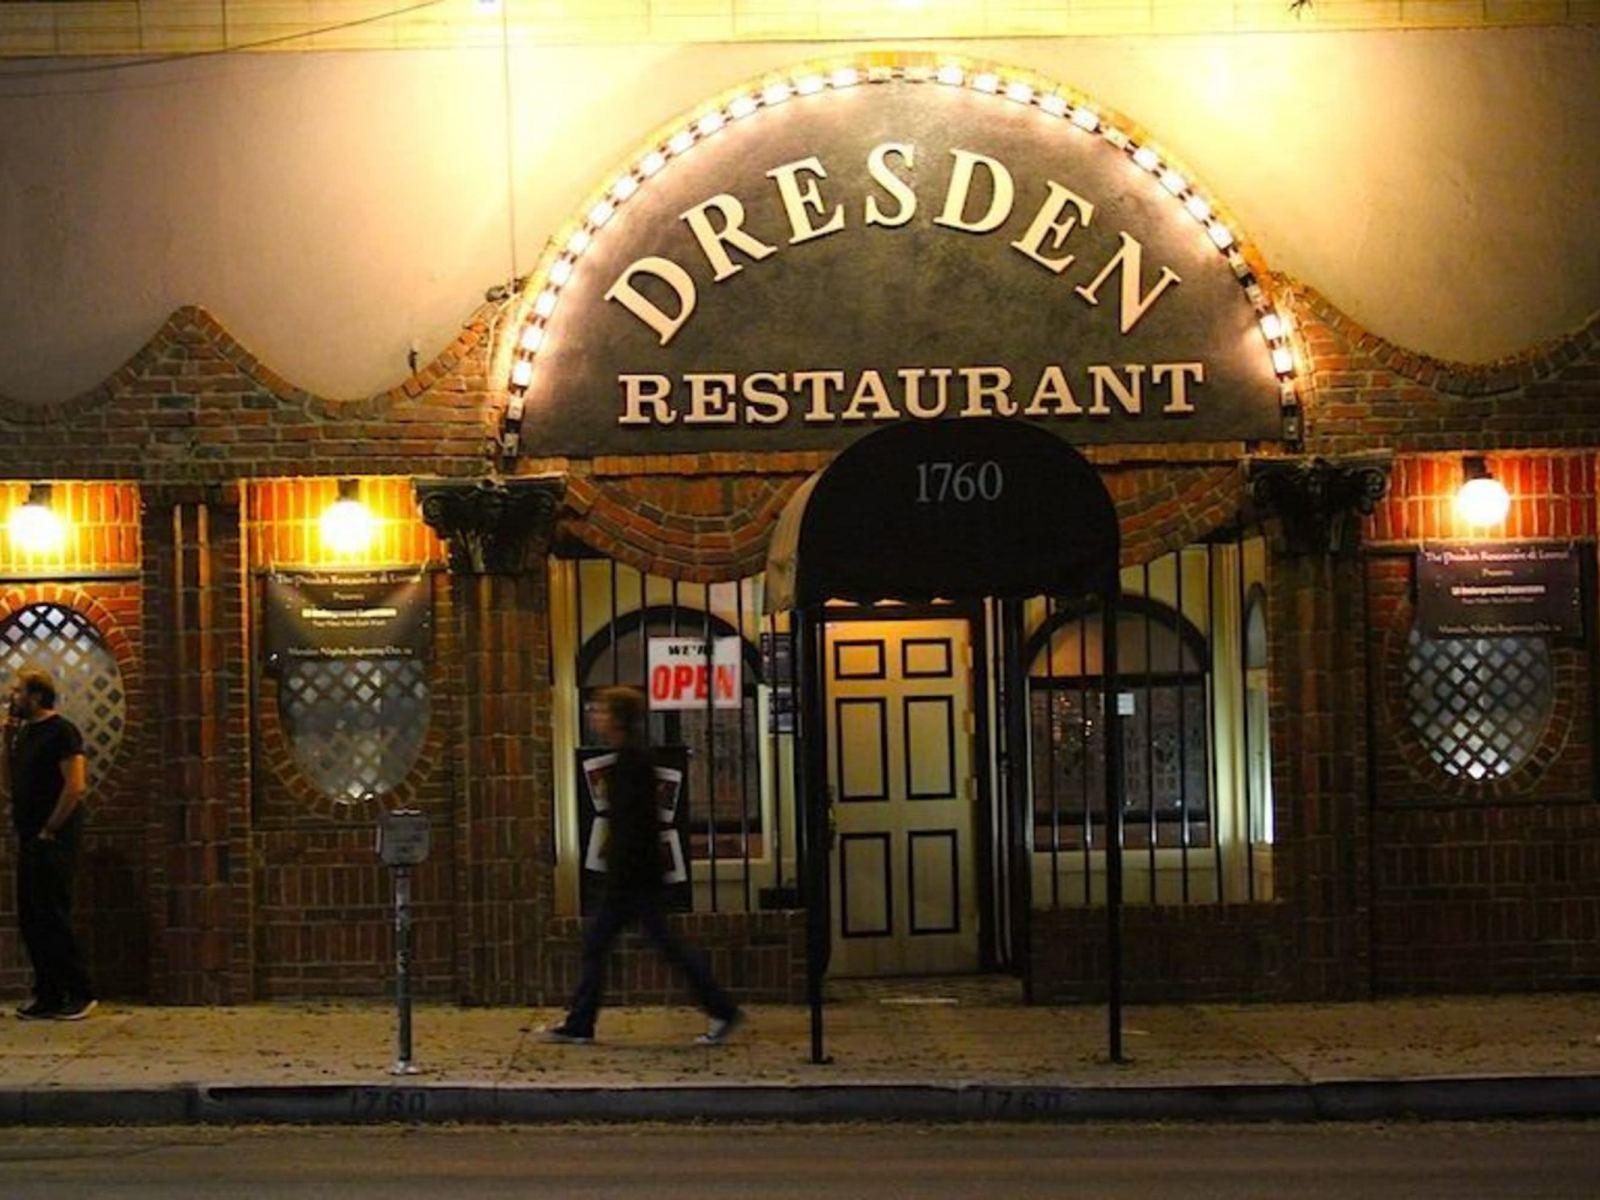 The Dresden Restaurant